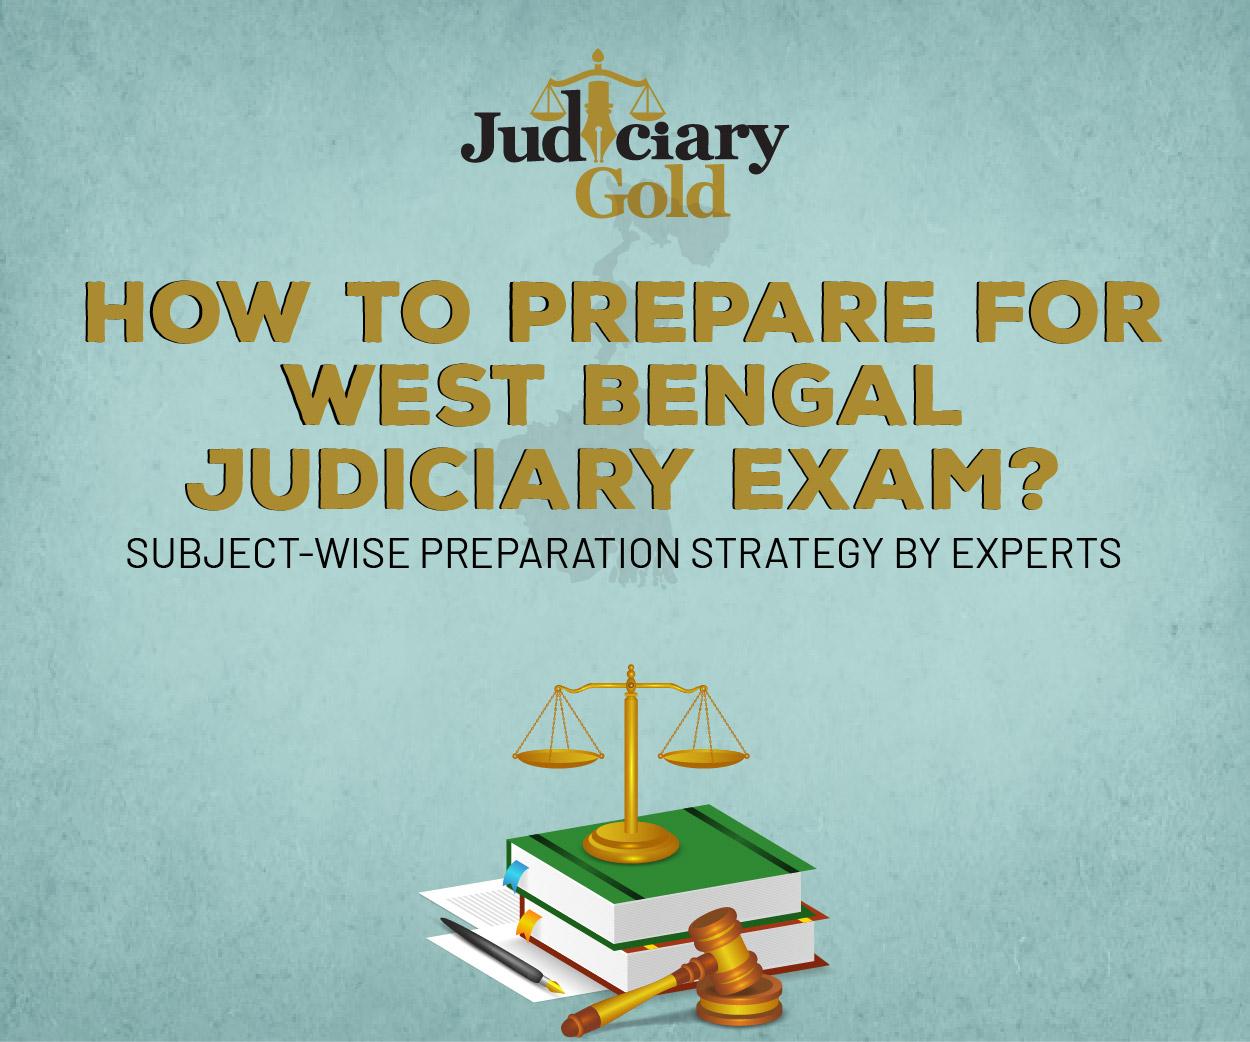 West Bengal Judiciary Exam Preparation